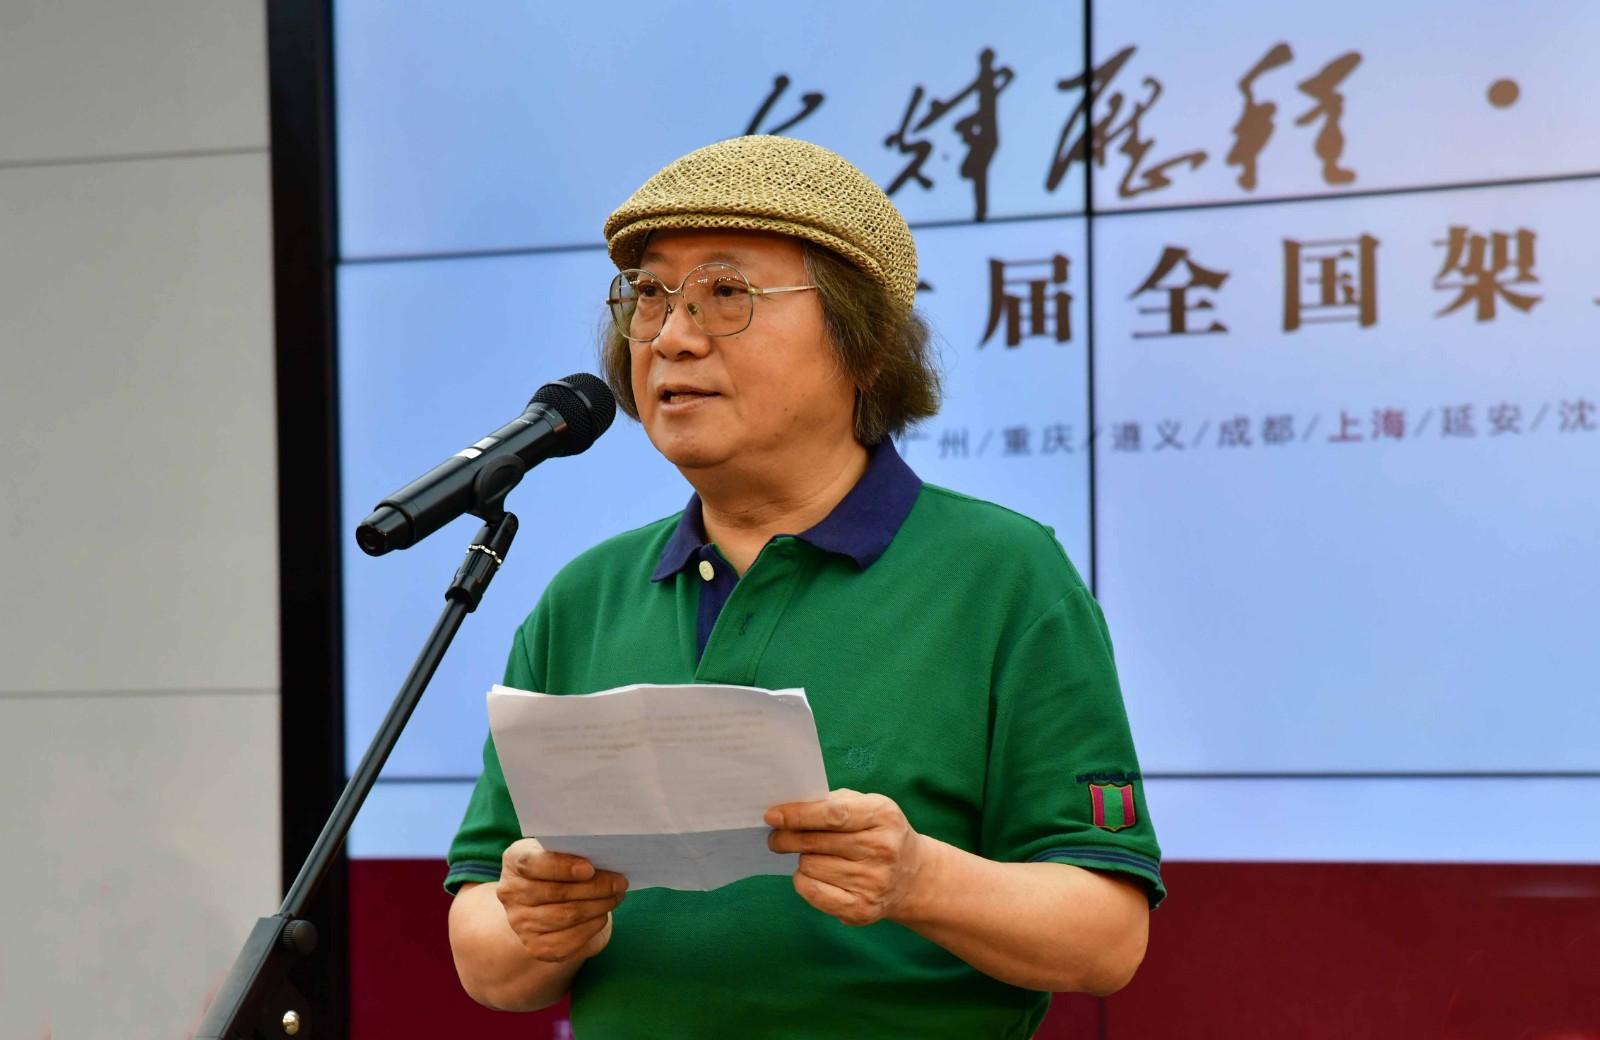 3 上海市美术家协会主席郑辛遥致辞.jpg